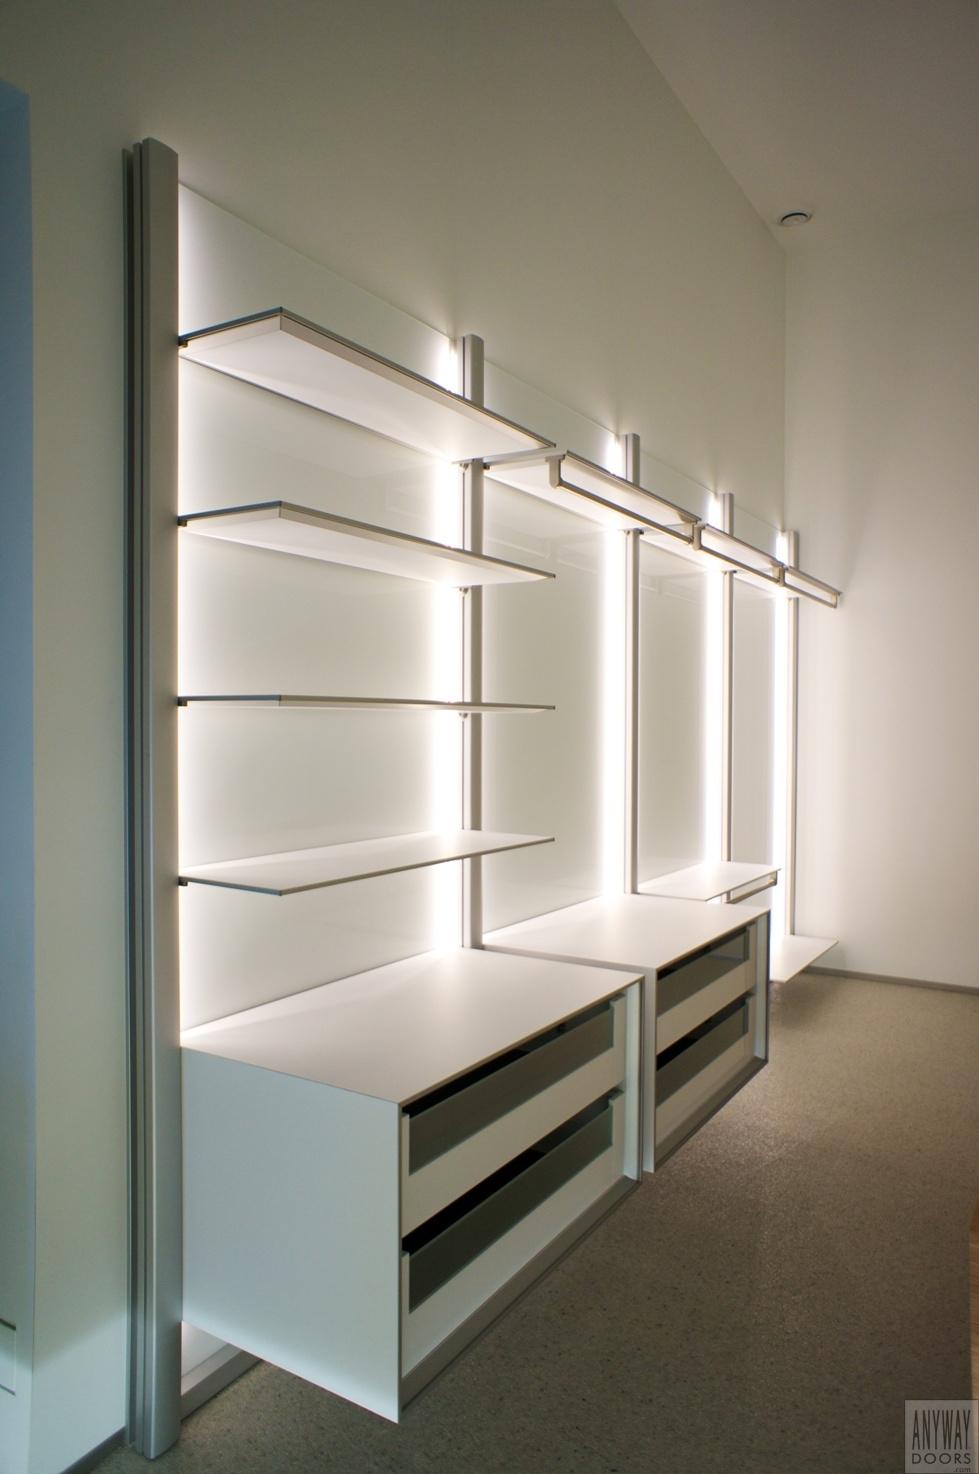 Verlichting slaapkamer tips ~ [spscents.com]